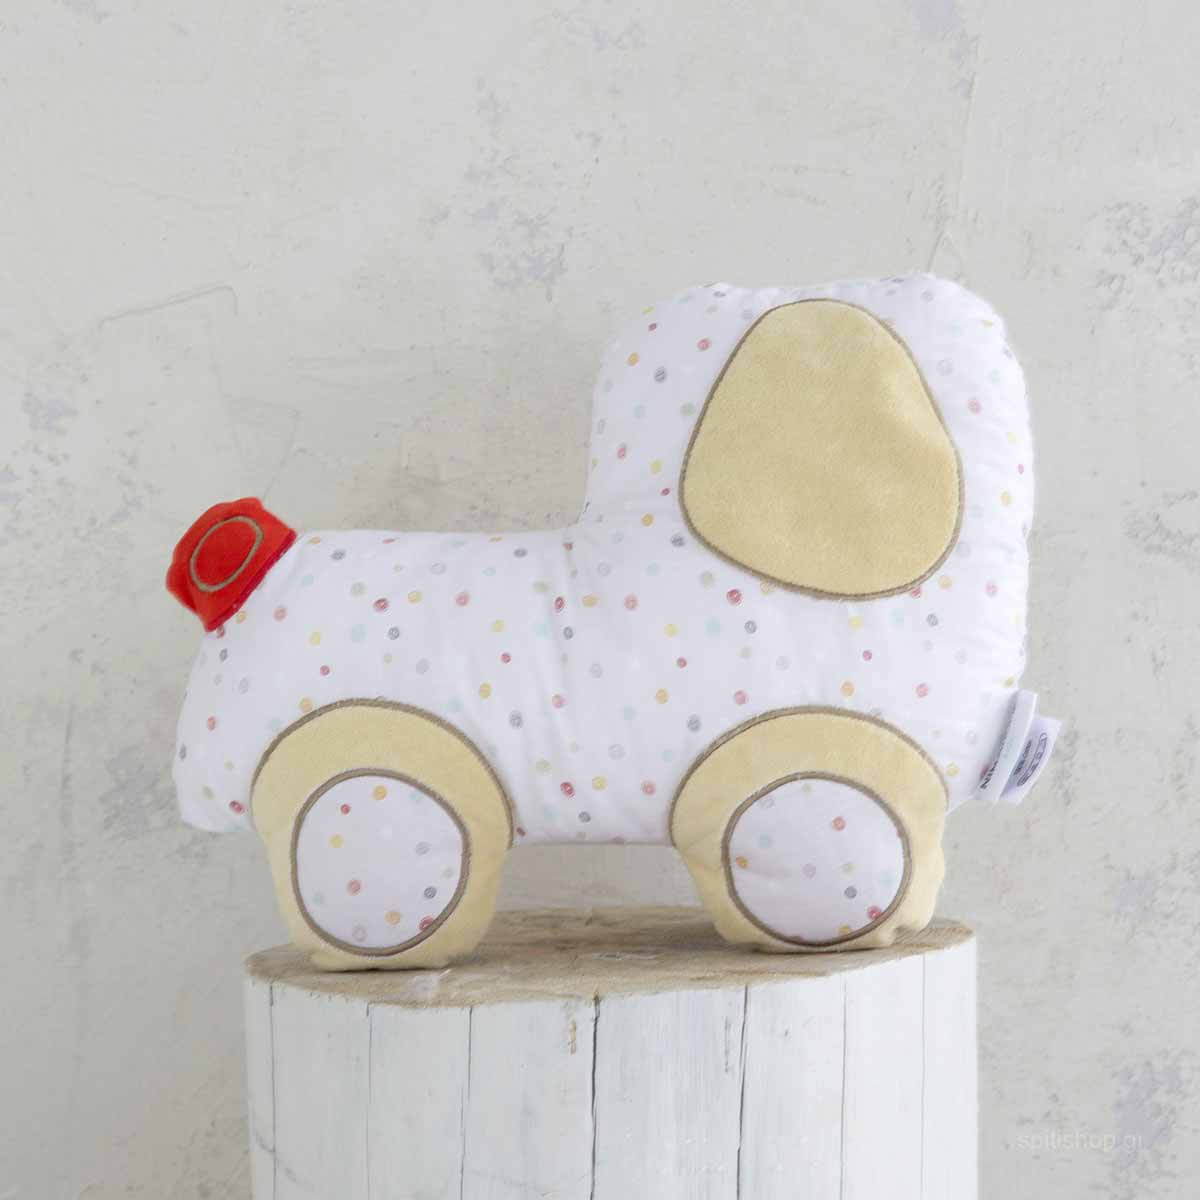 944c2a05016 -10% Spiti Shop Διακοσμητικό Μαξιλάρι Nima Kids Pillow Vroom Vroom